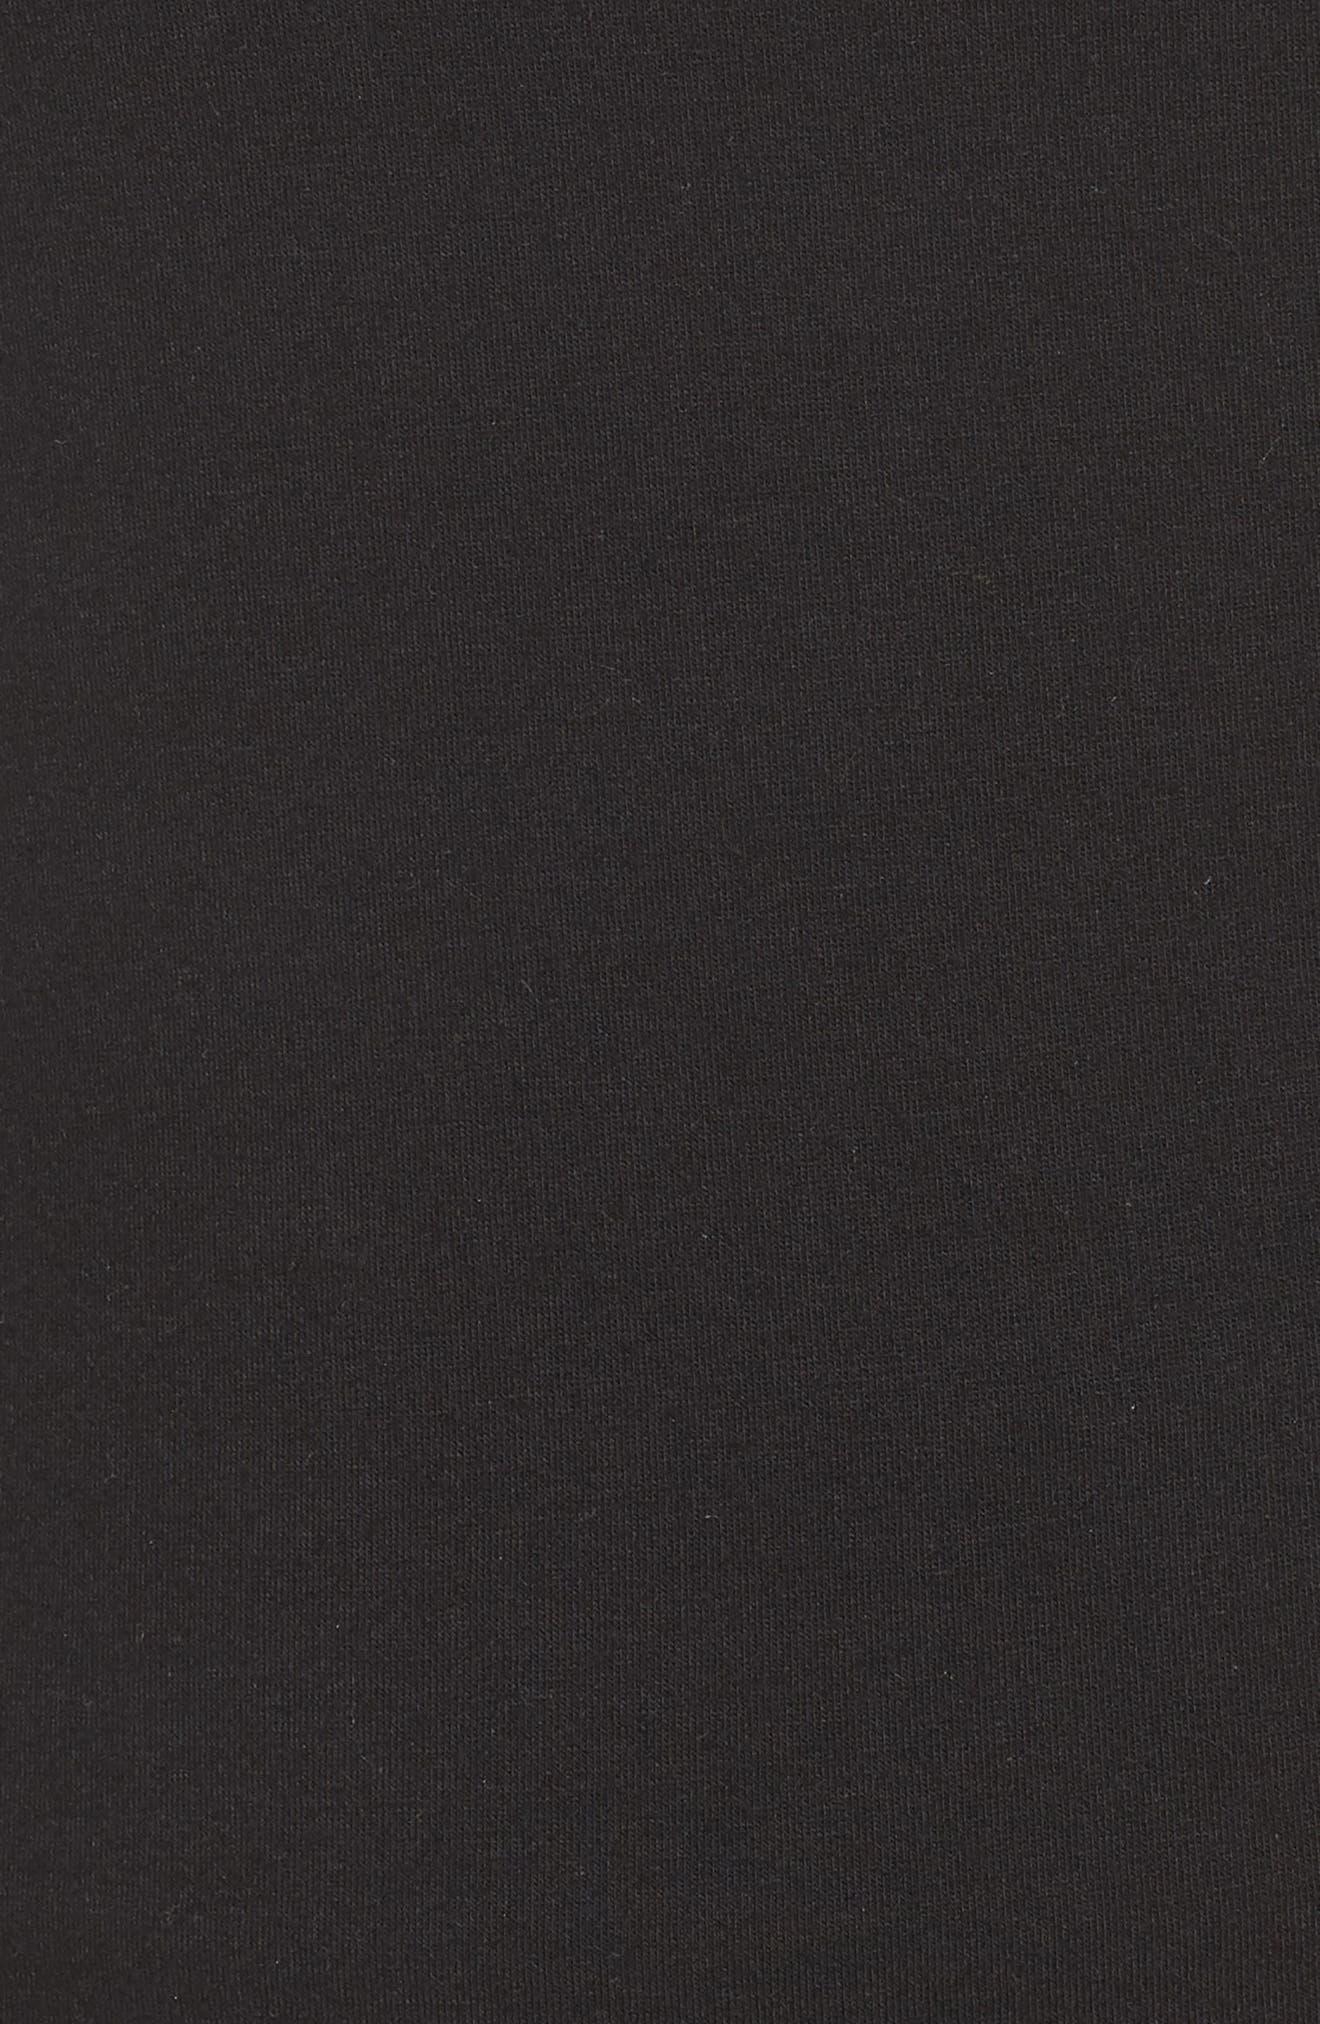 Pax Tank,                             Alternate thumbnail 6, color,                             BLACK CAT